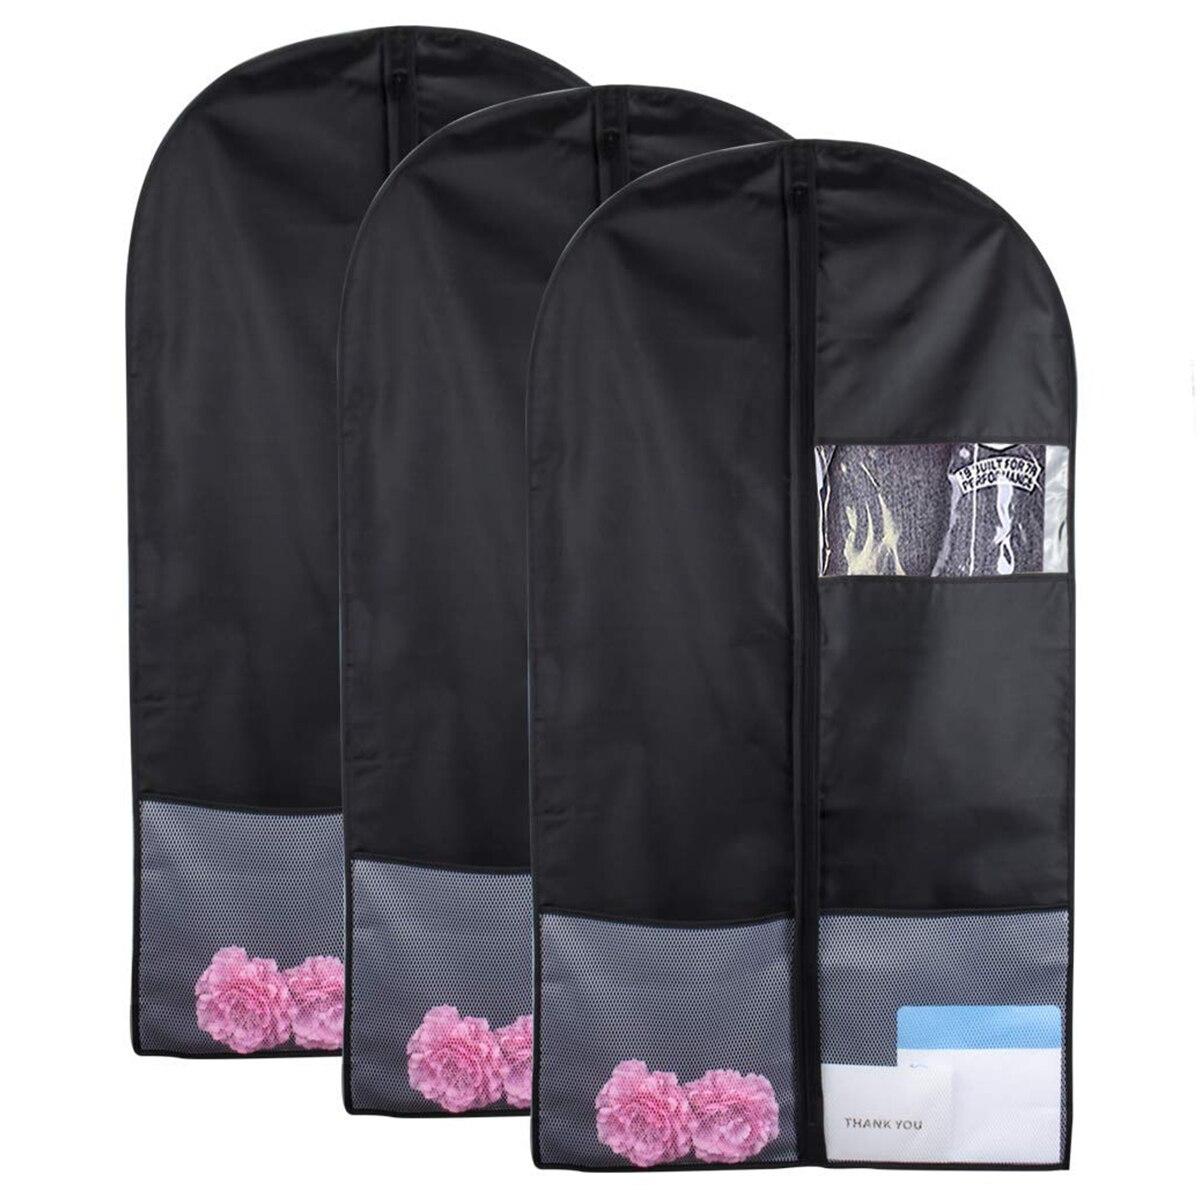 YHYS sac de vêtement avec poches, sacs de vêtement de 43 pouces pour le stockage sac de vêtement de danse sac de costume avec fenêtre transparente (lot de 3)